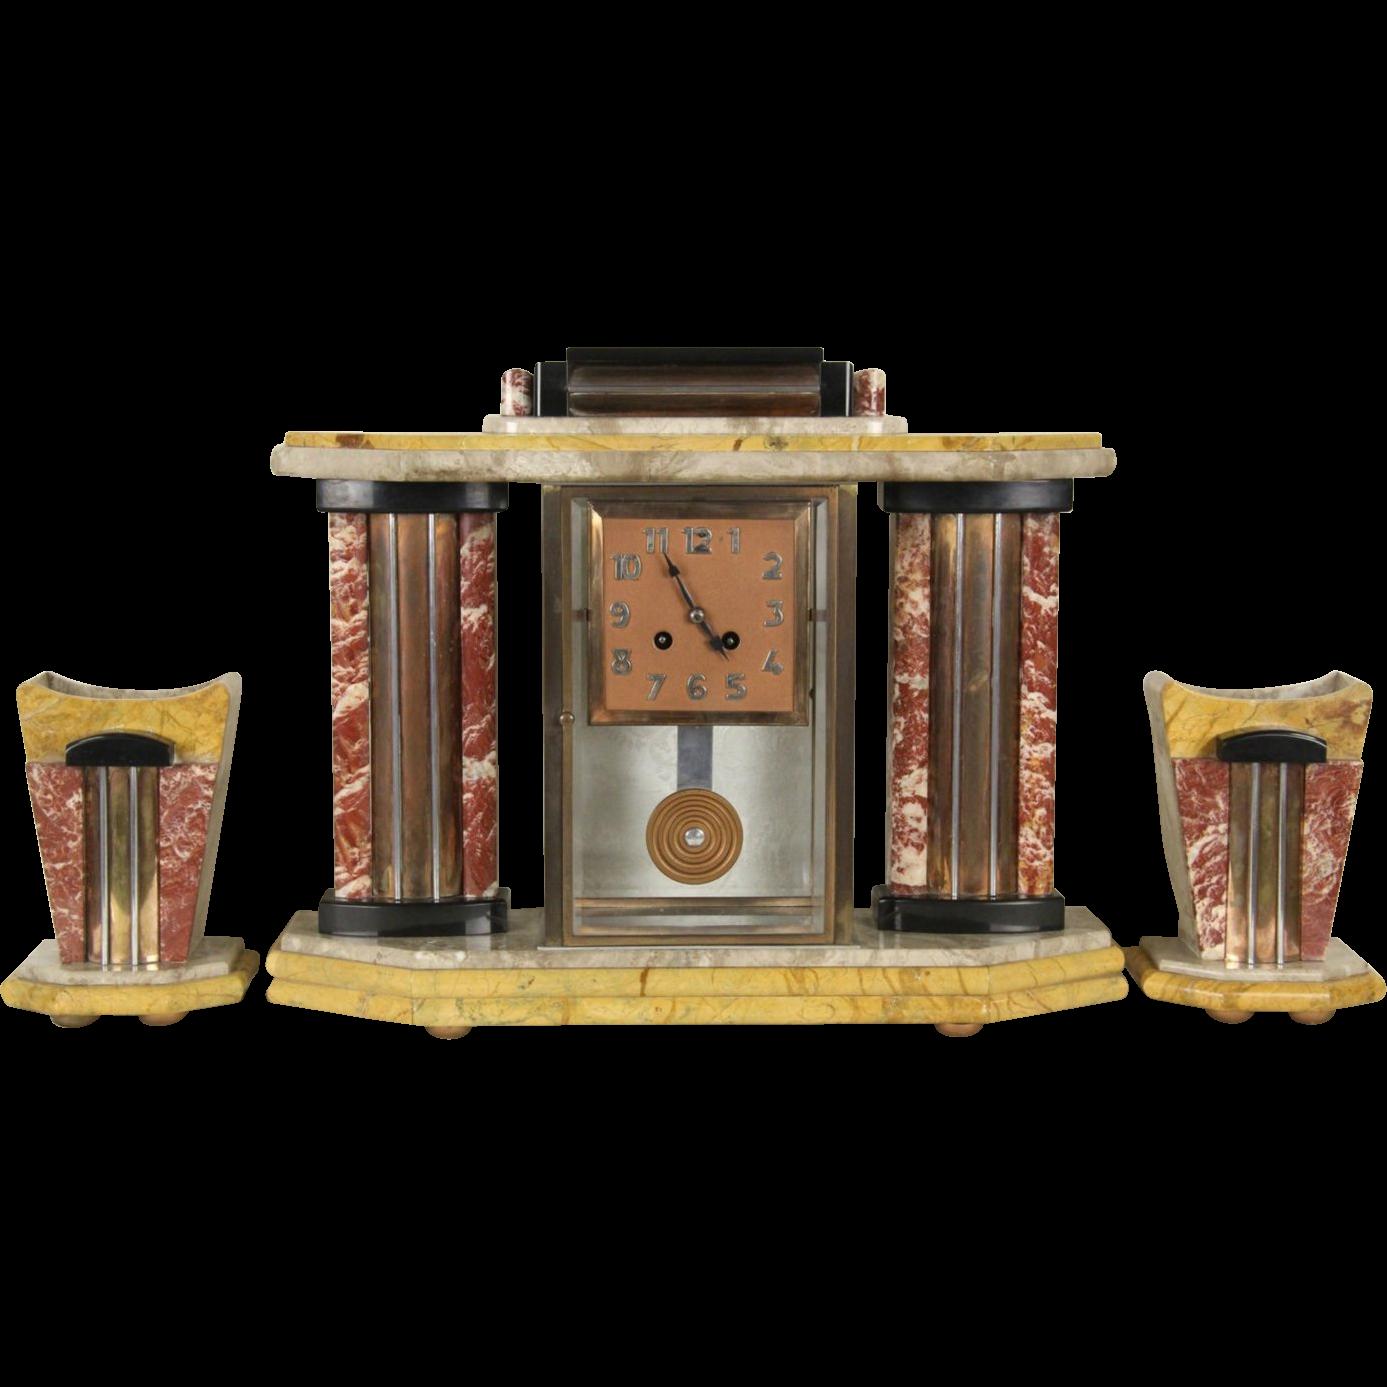 French Art Deco 1925 Antique 4 Color Marble Clock Set 3 Pc.